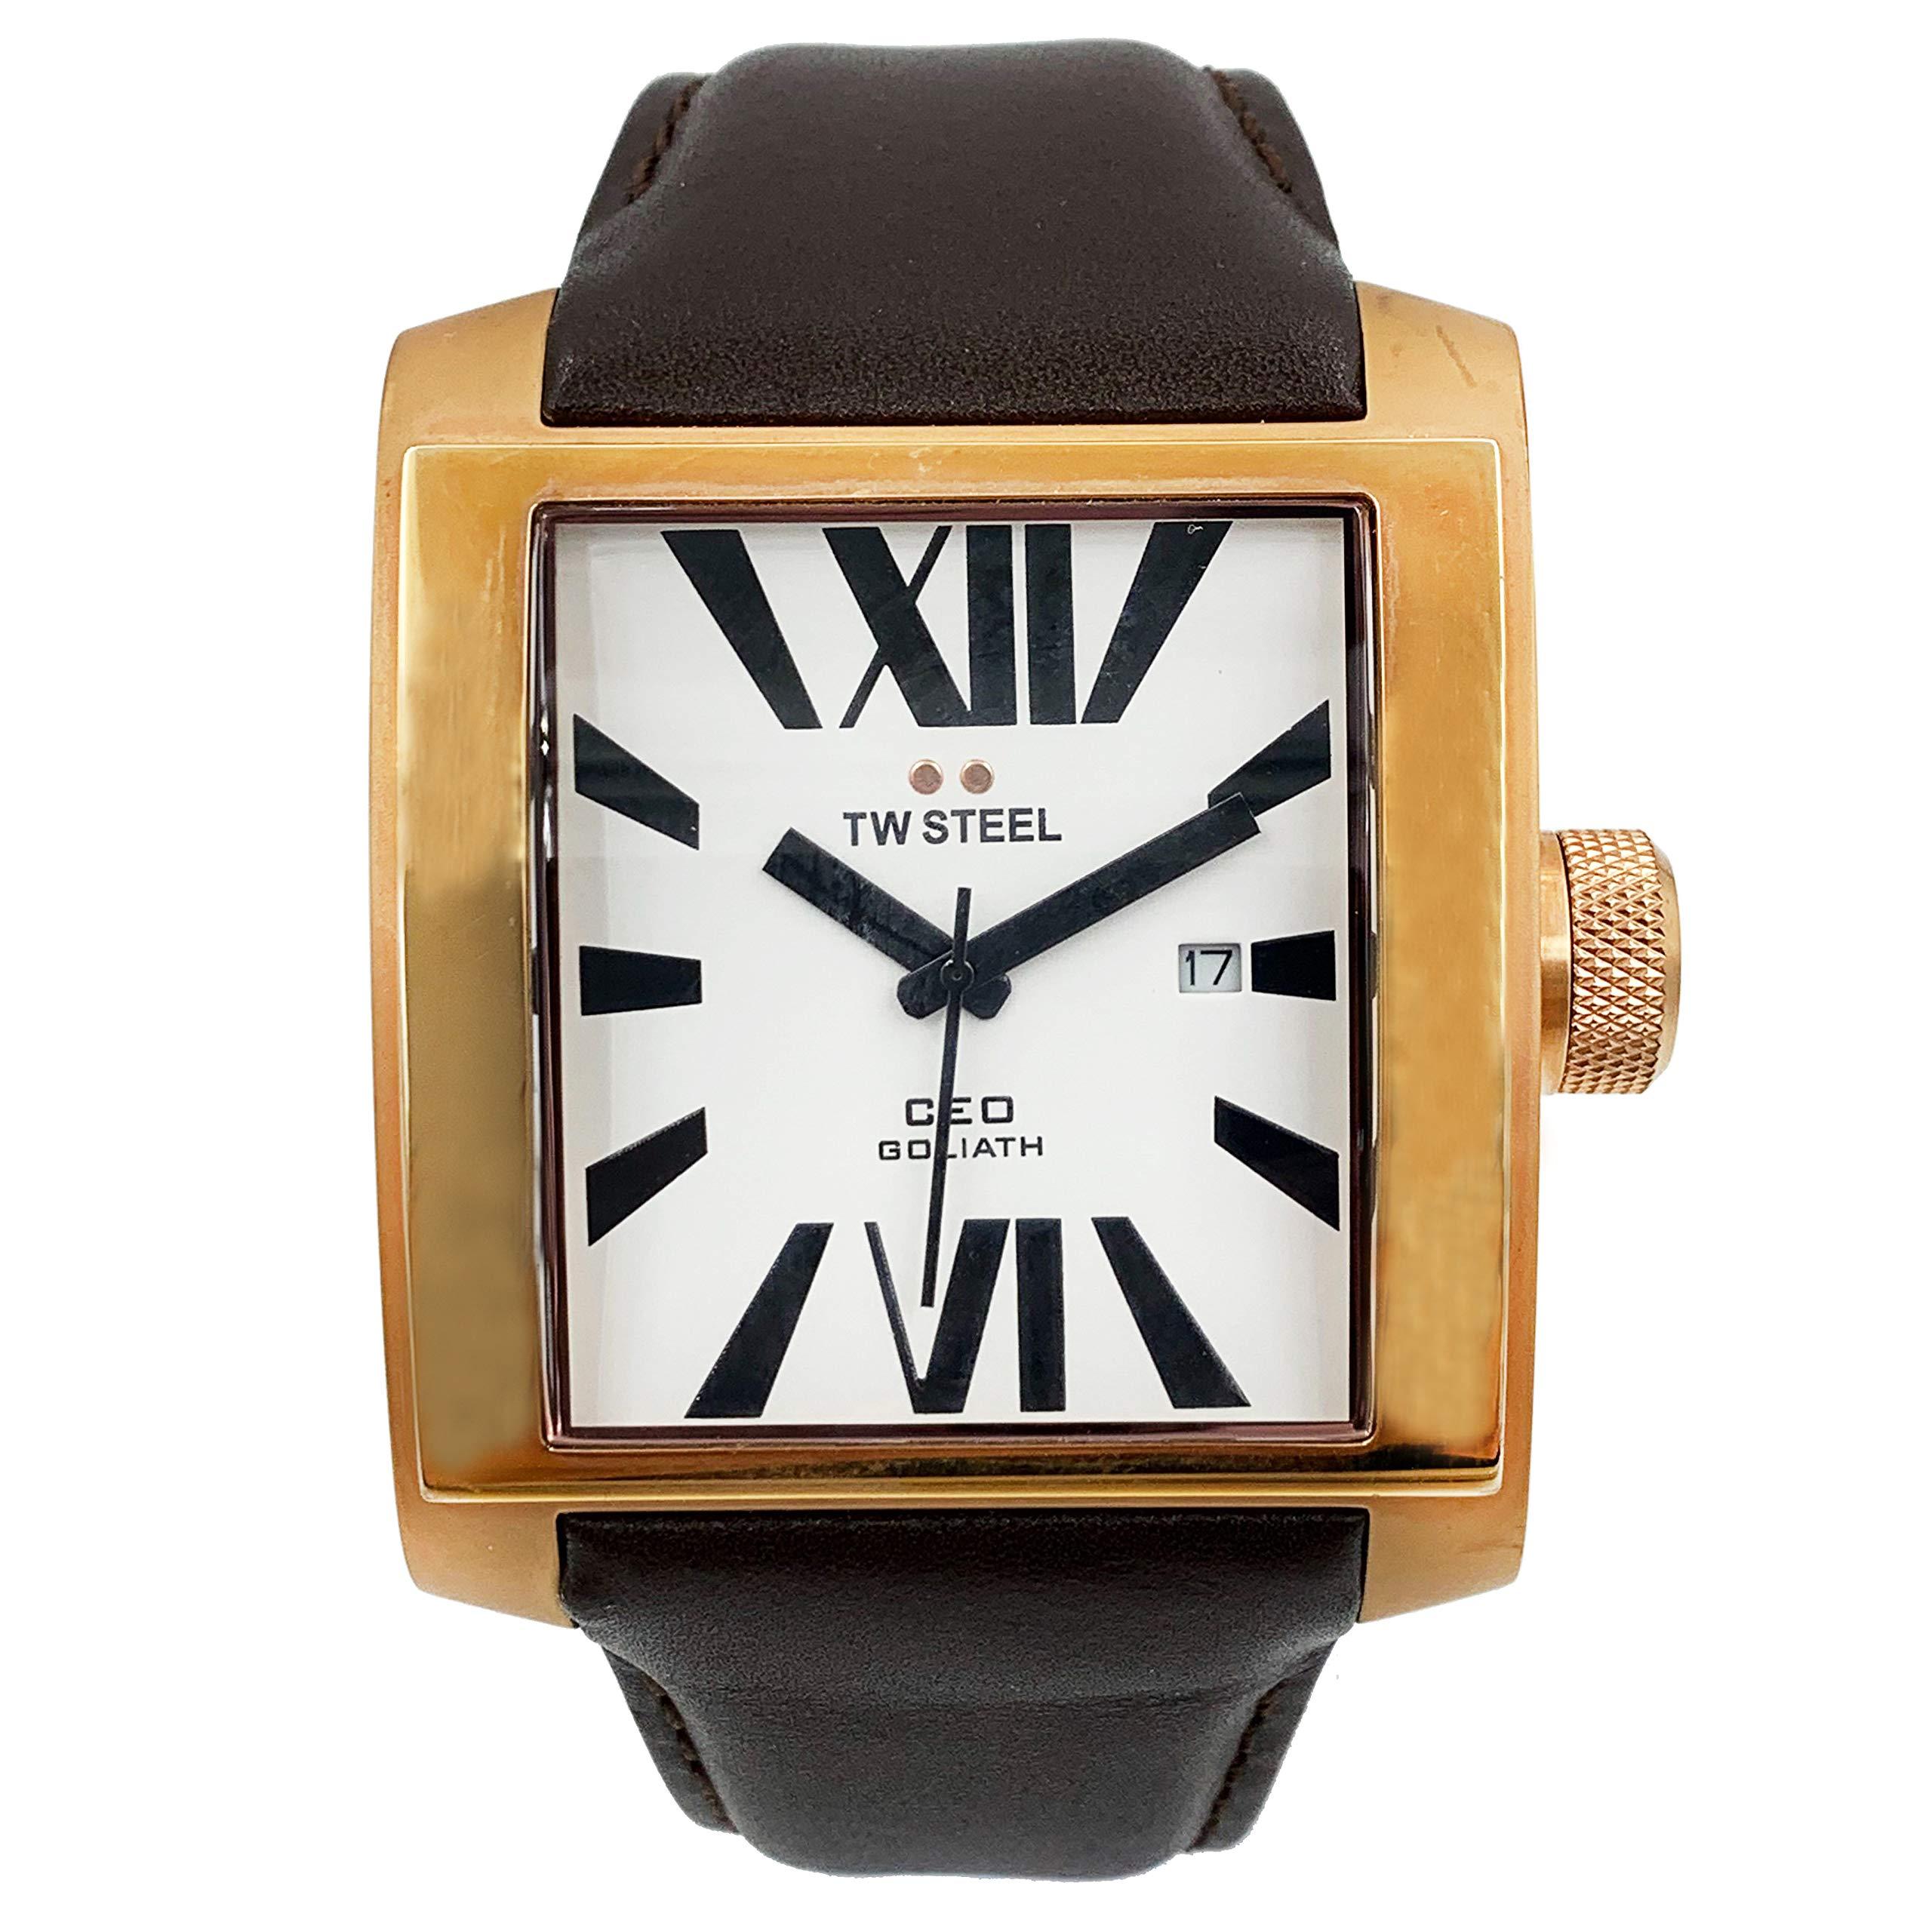 TW Steel CEO Quartz Male Watch CE3008 (Certified Pre-Owned) by TW Steel